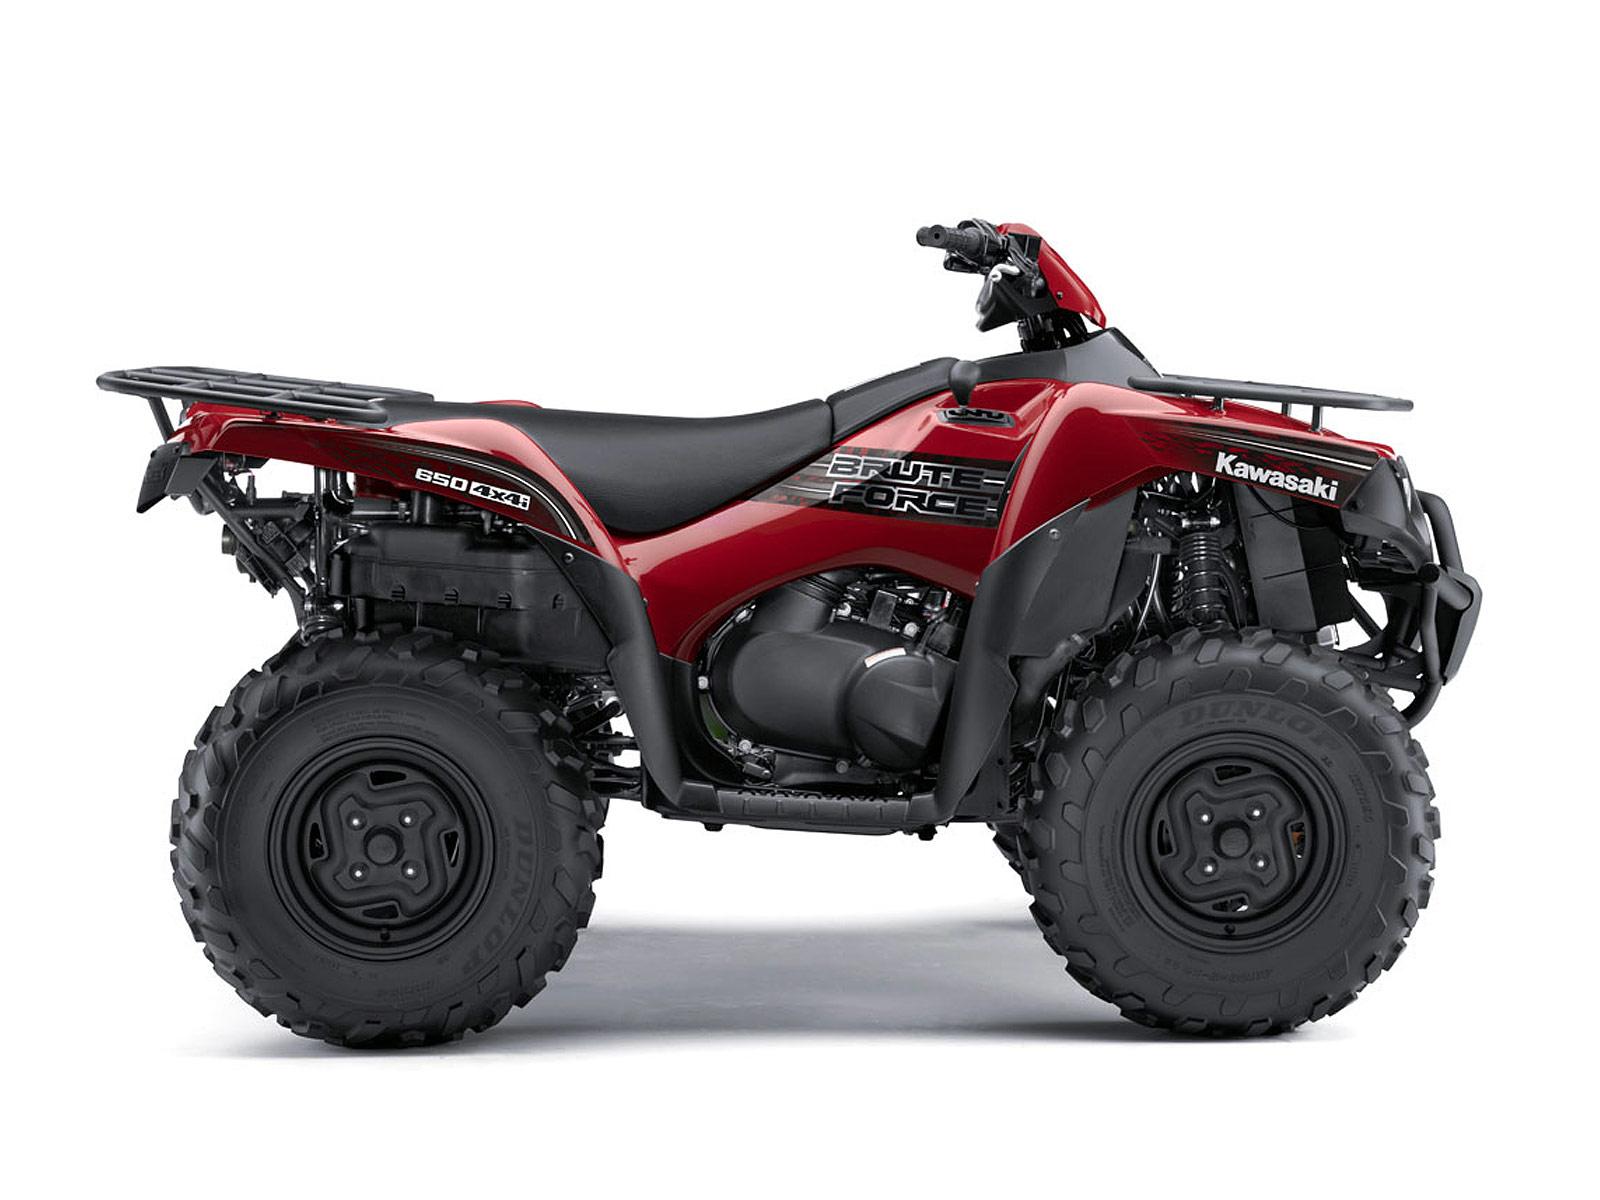 Kawasaki Atv Value